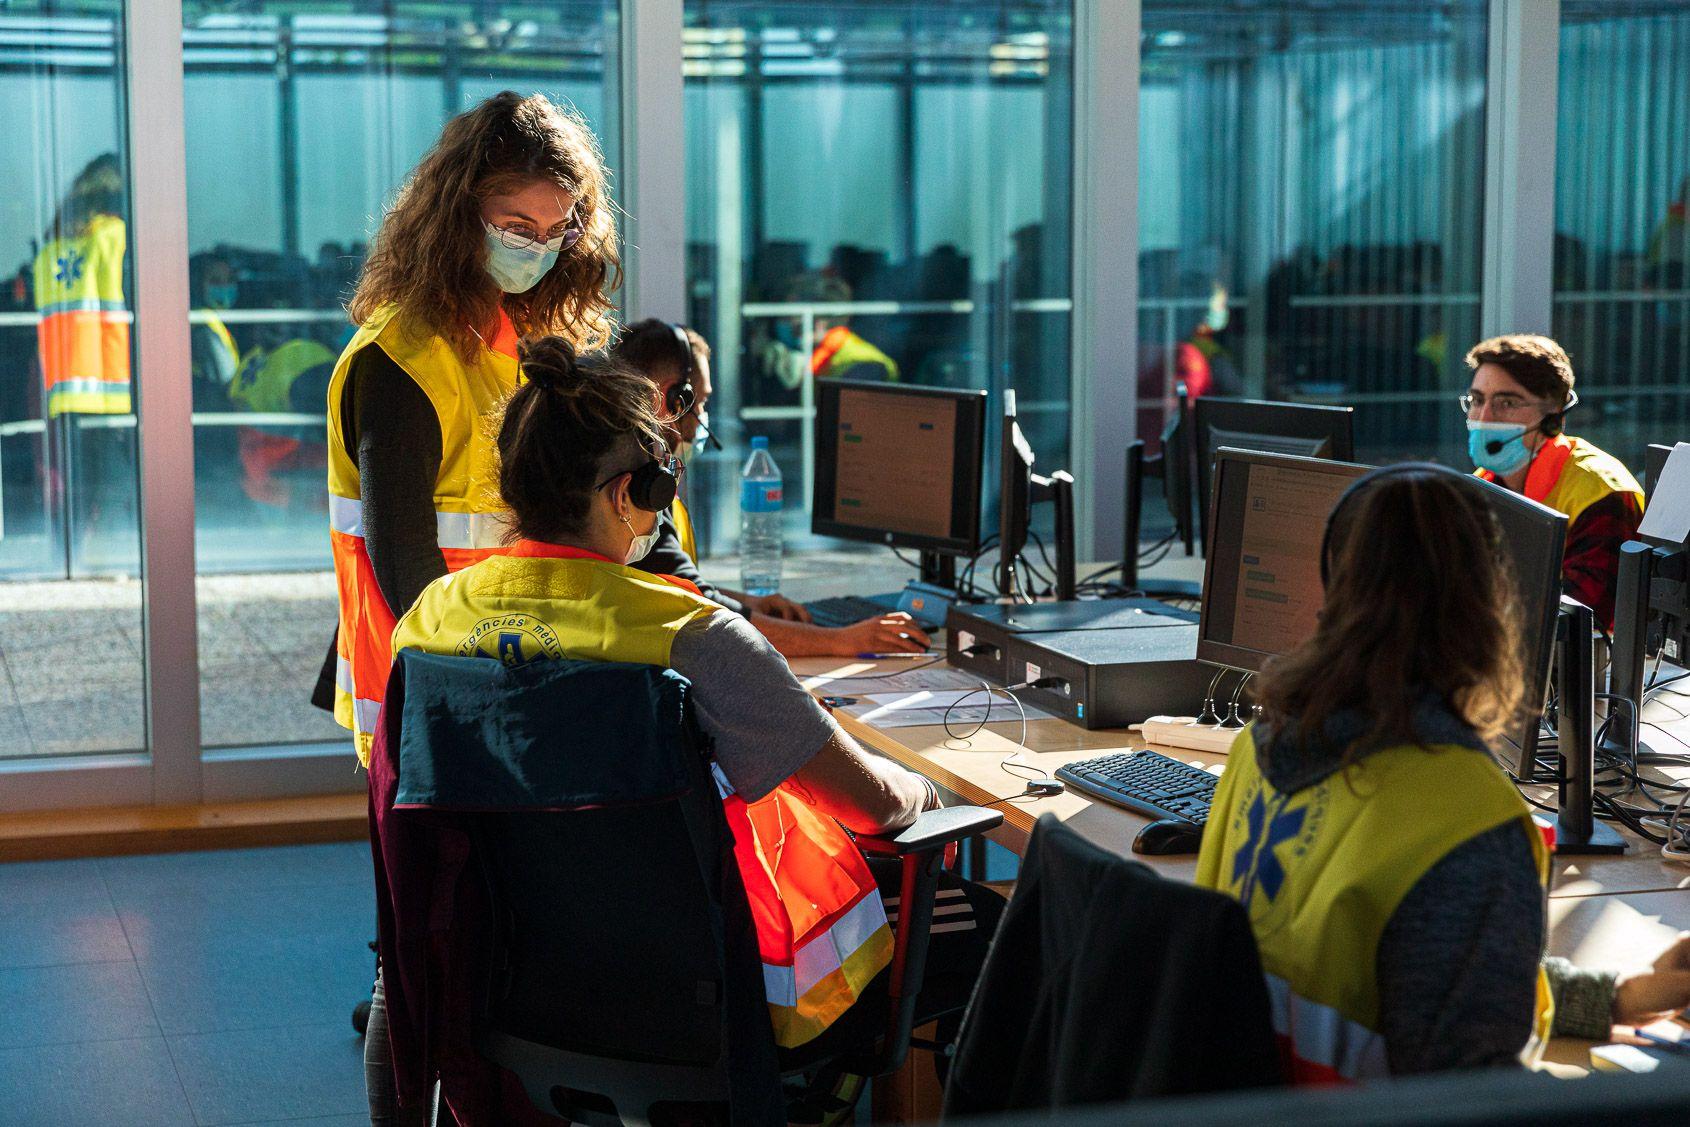 Espai de gestors de contactes directes a Hospitalet de Llobregat / Jordi Borràs